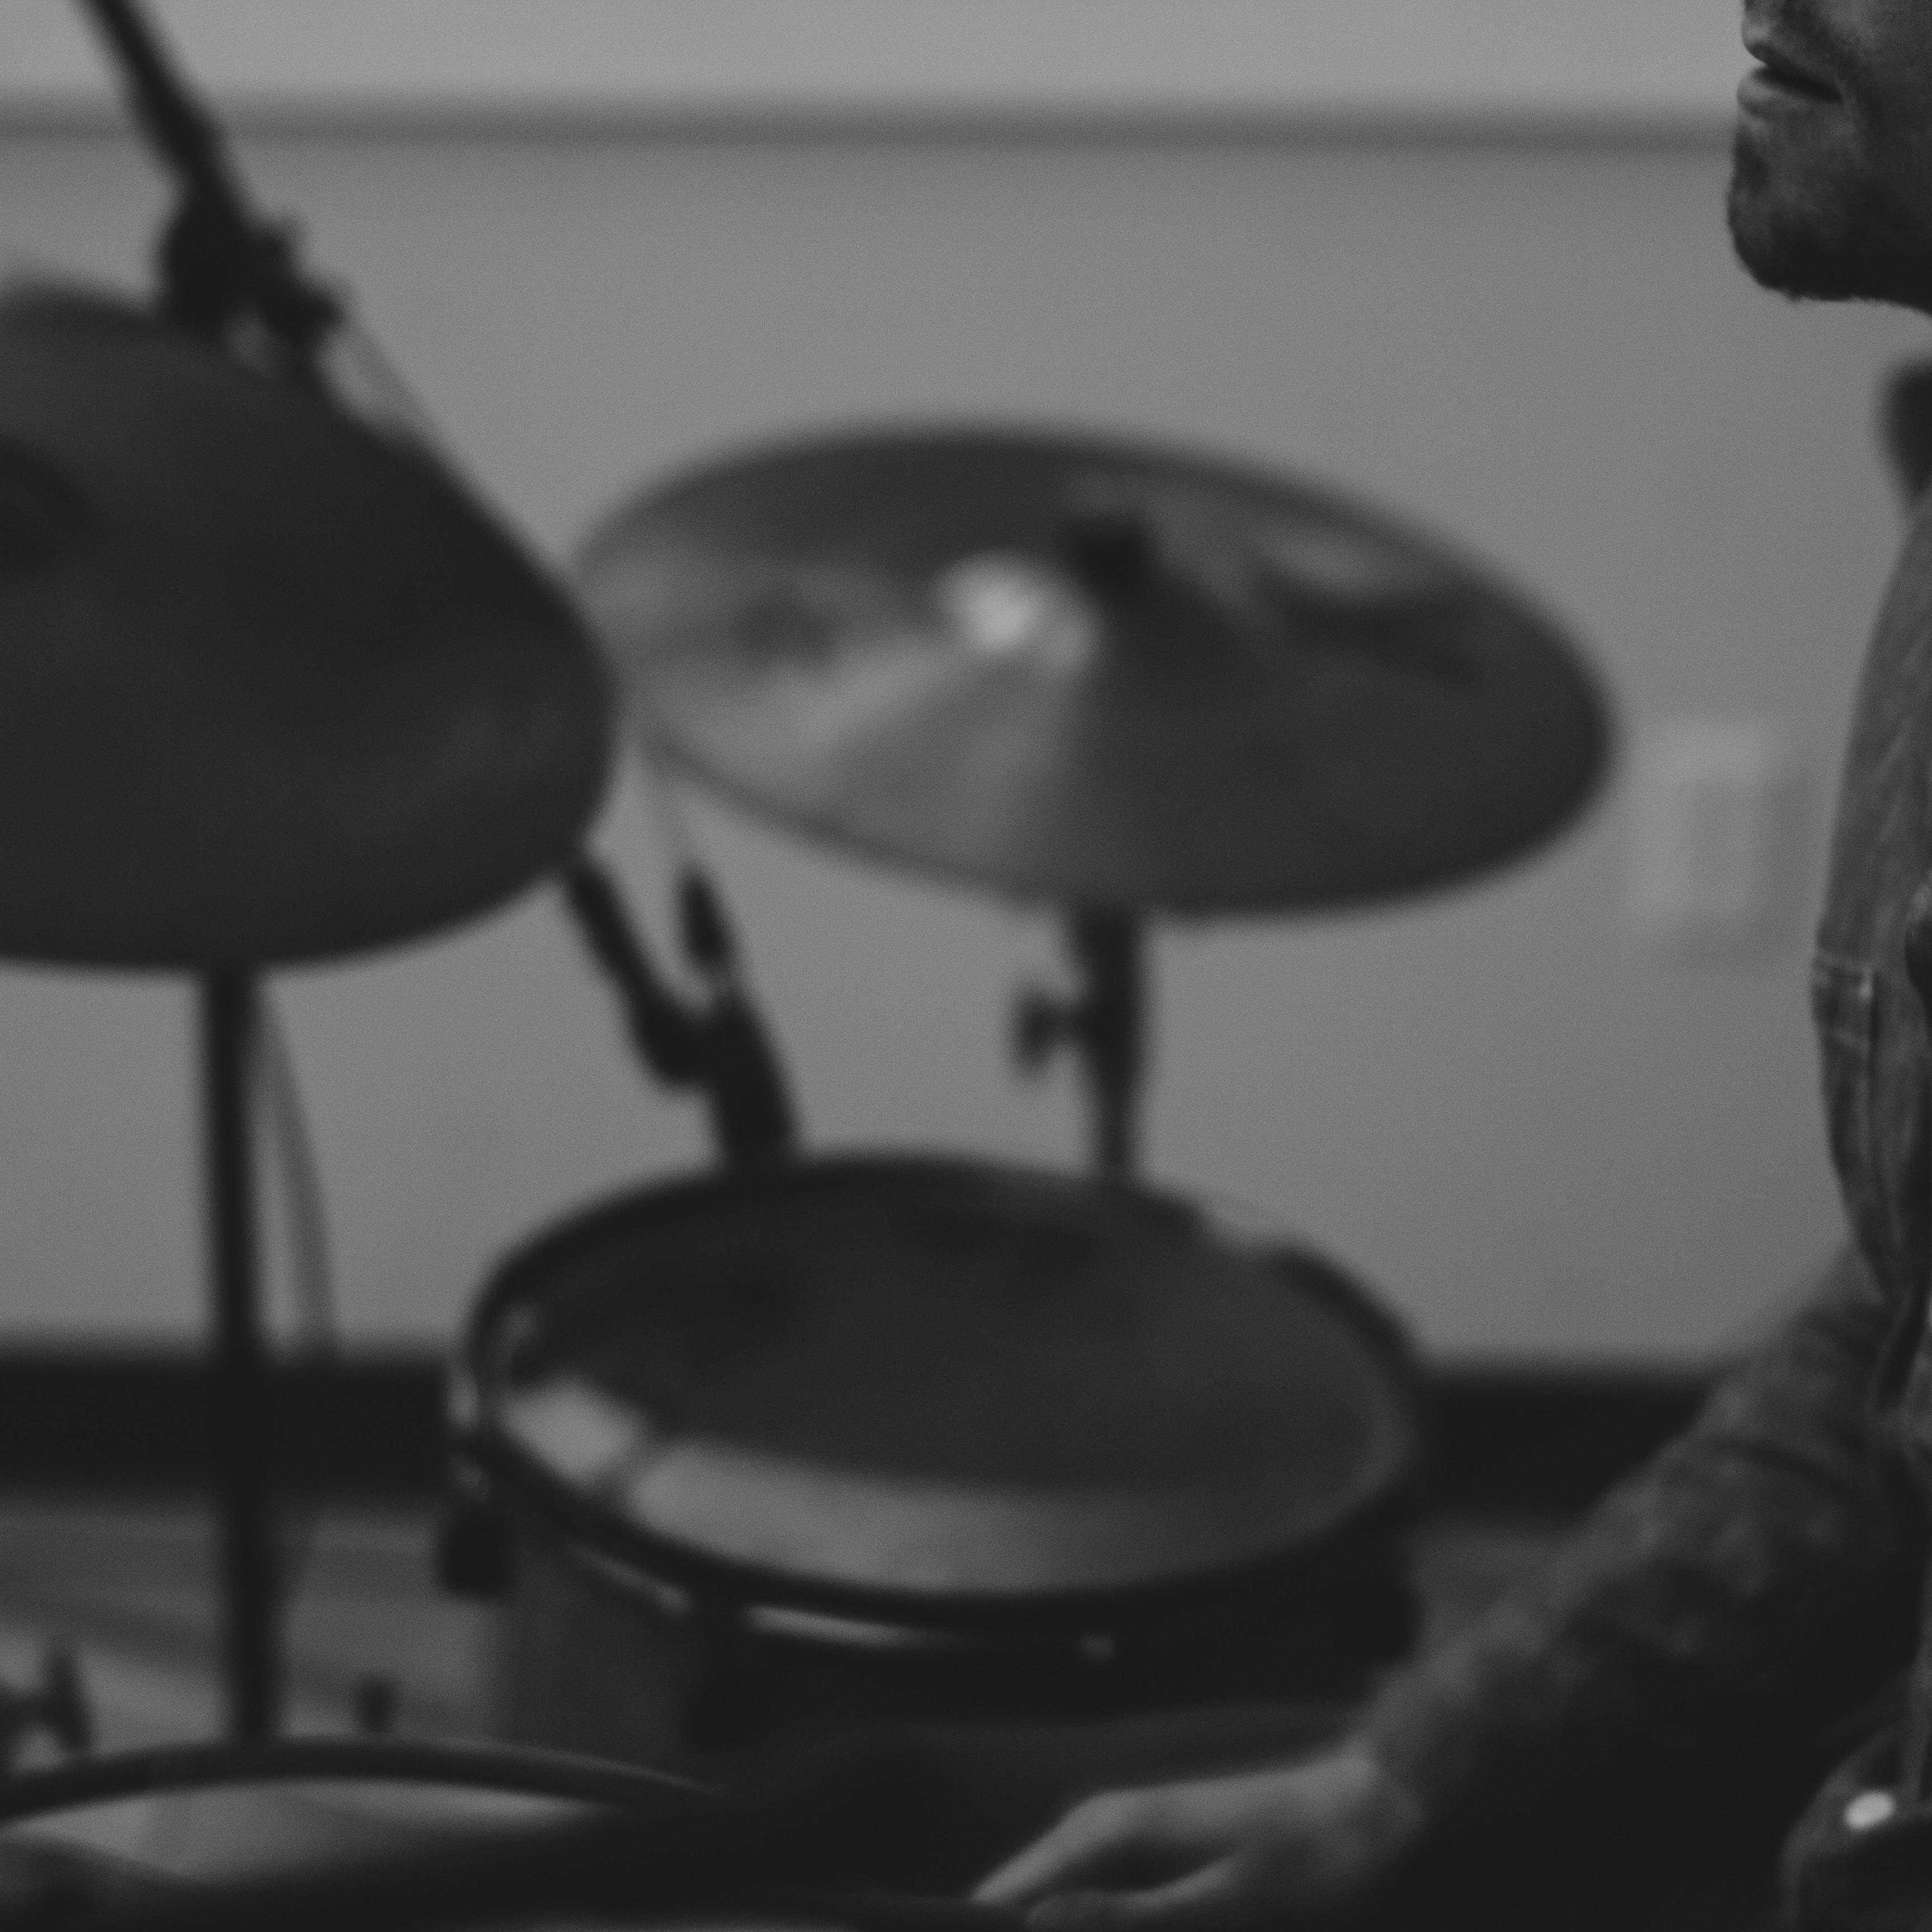 日本産ファンク、ダンス系ドラムループ集『EDOMAE LOOPS』レビュー